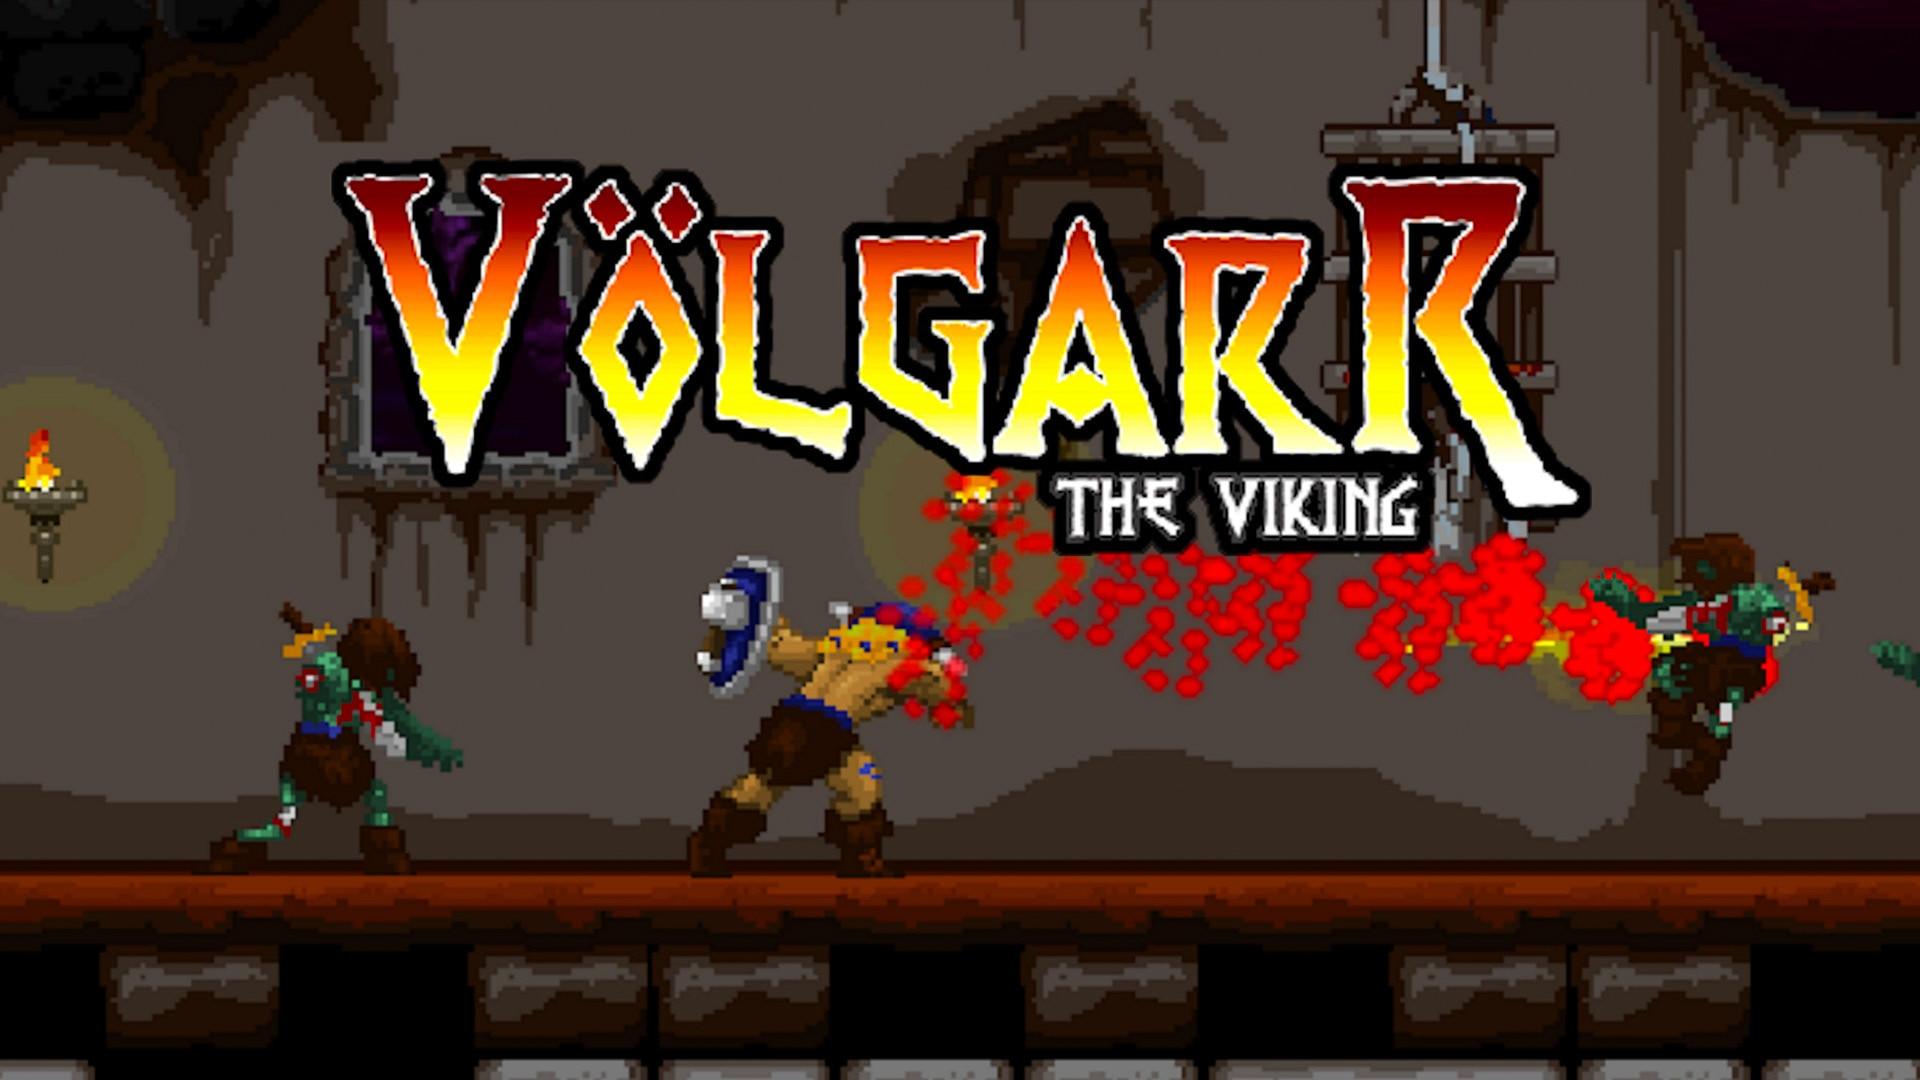 Volgarr the Viking Trailer